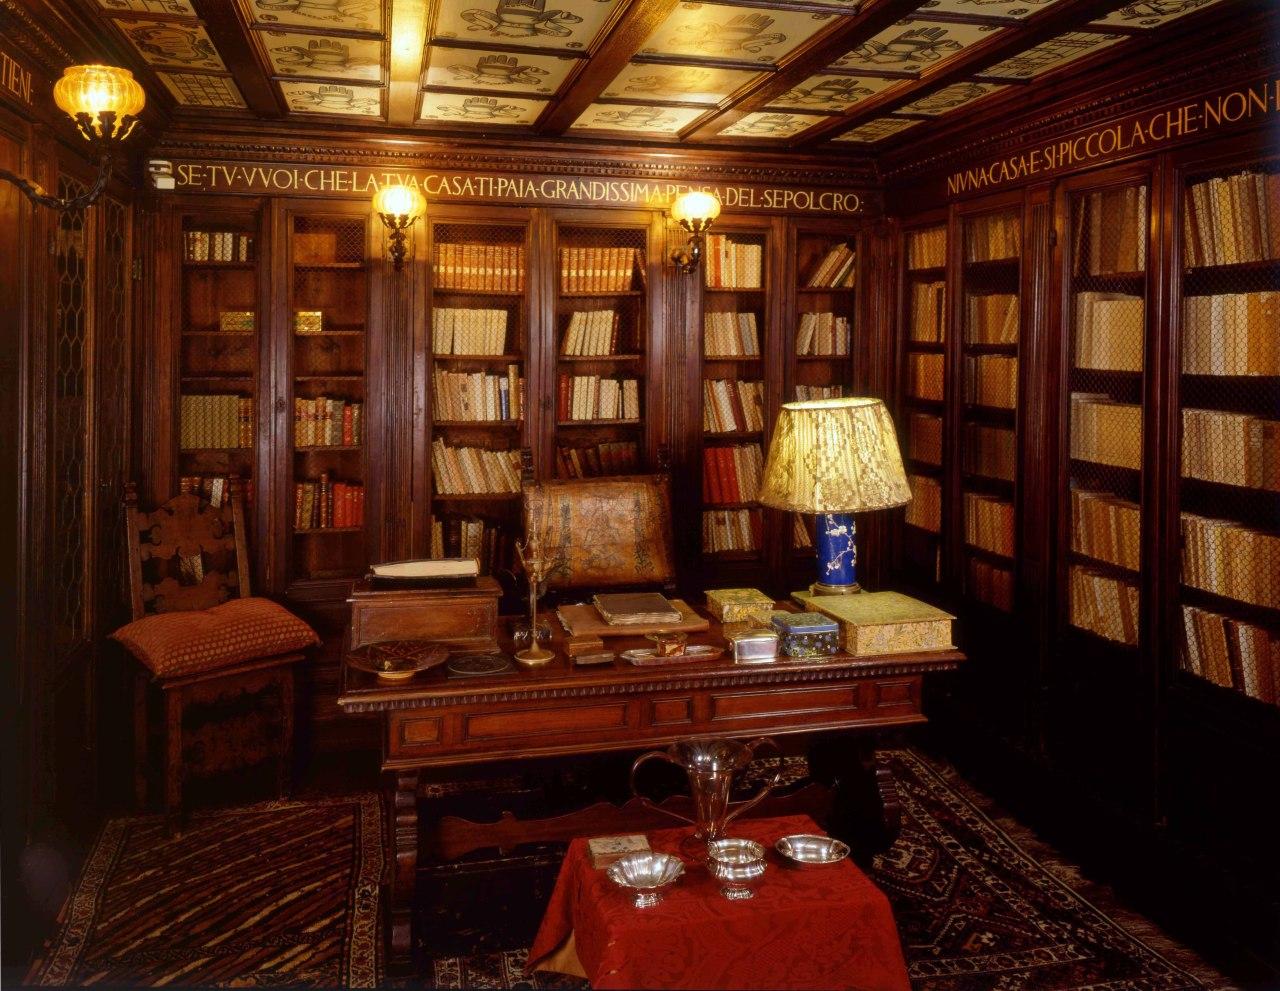 ABRAXAS BOOKS  The Vittoriale degli italiani English